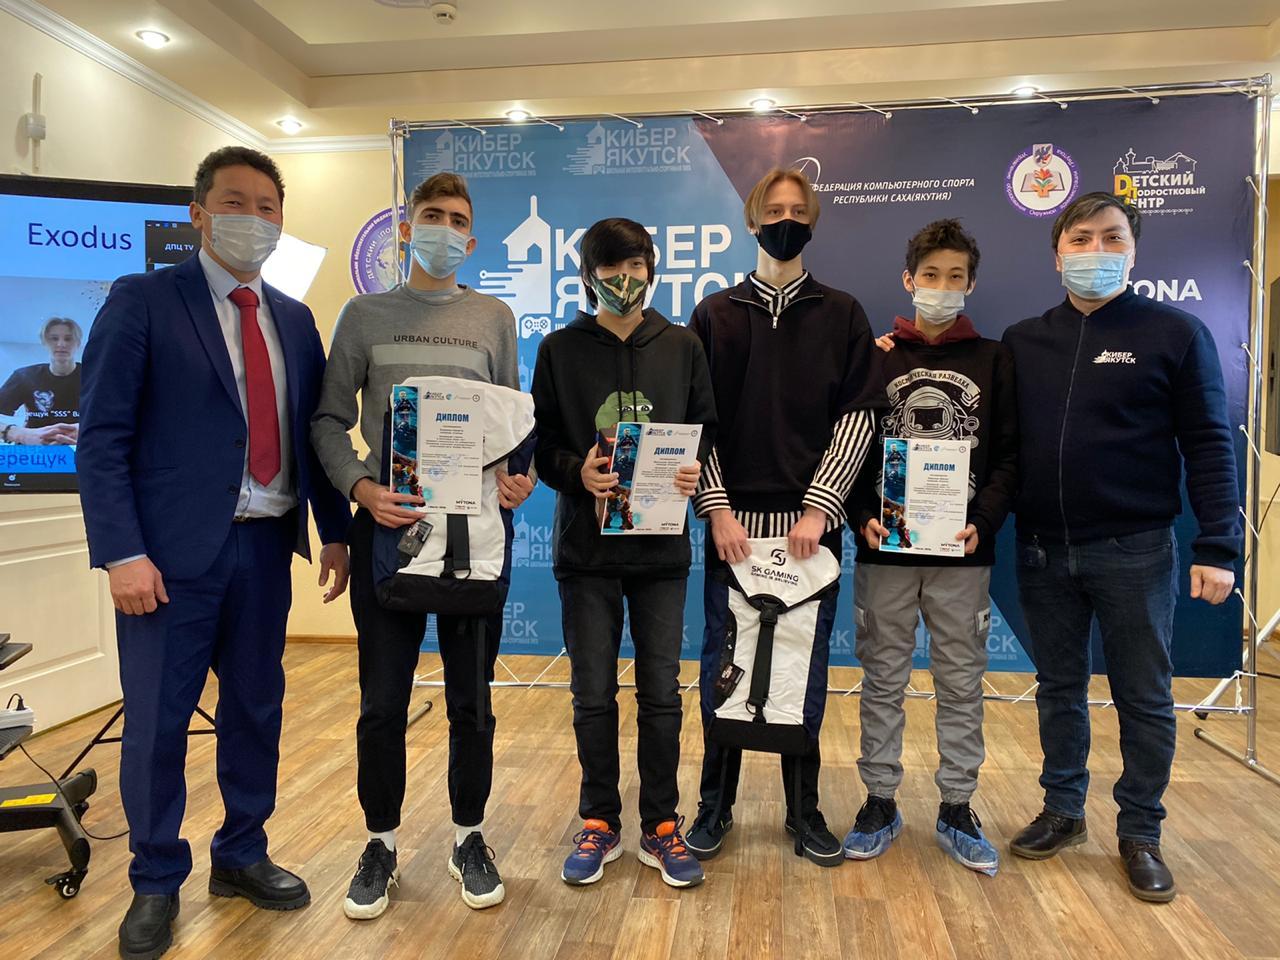 Победителей городской школьной интеллектуально- спортивной лиги «Кибер Якутск» поздравили в столице республики